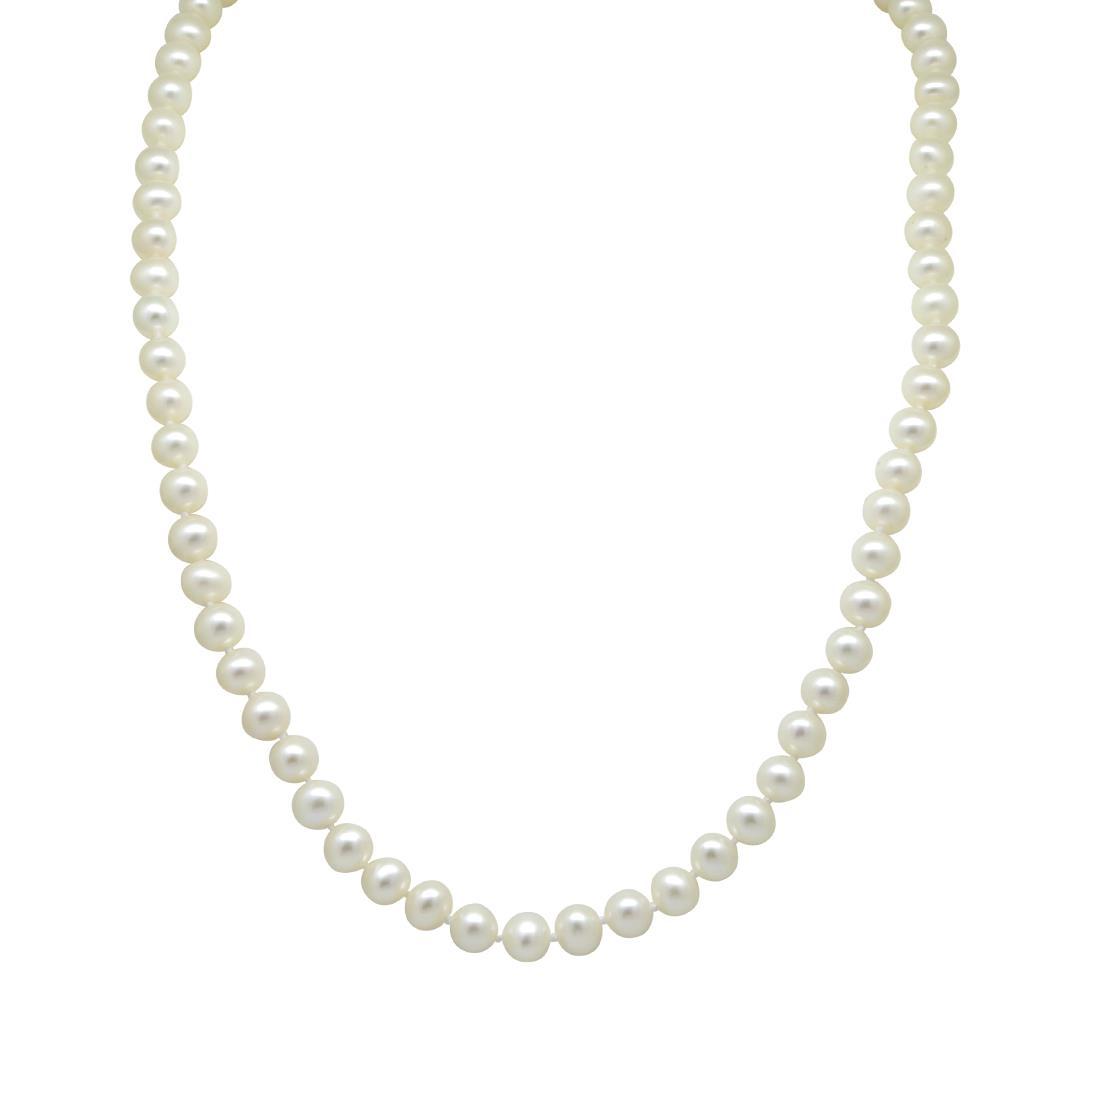 Collana con perle e pietre semipreziose, lunghezza 16cm - RIVIK